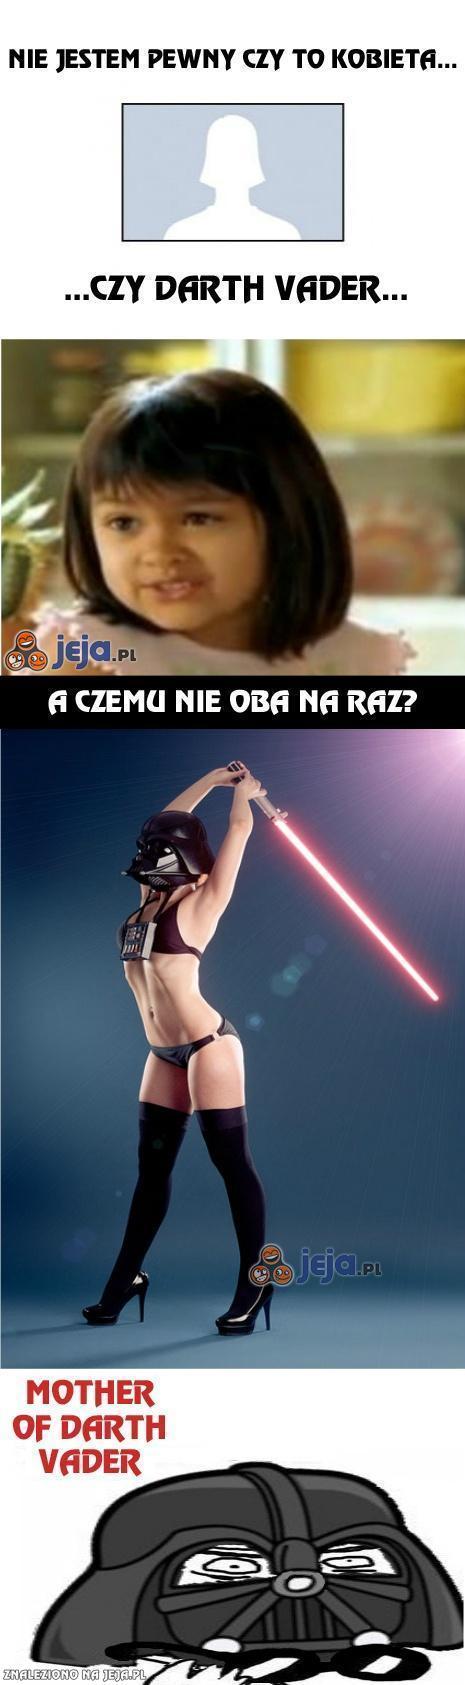 Kobieta czy Darth Vader?